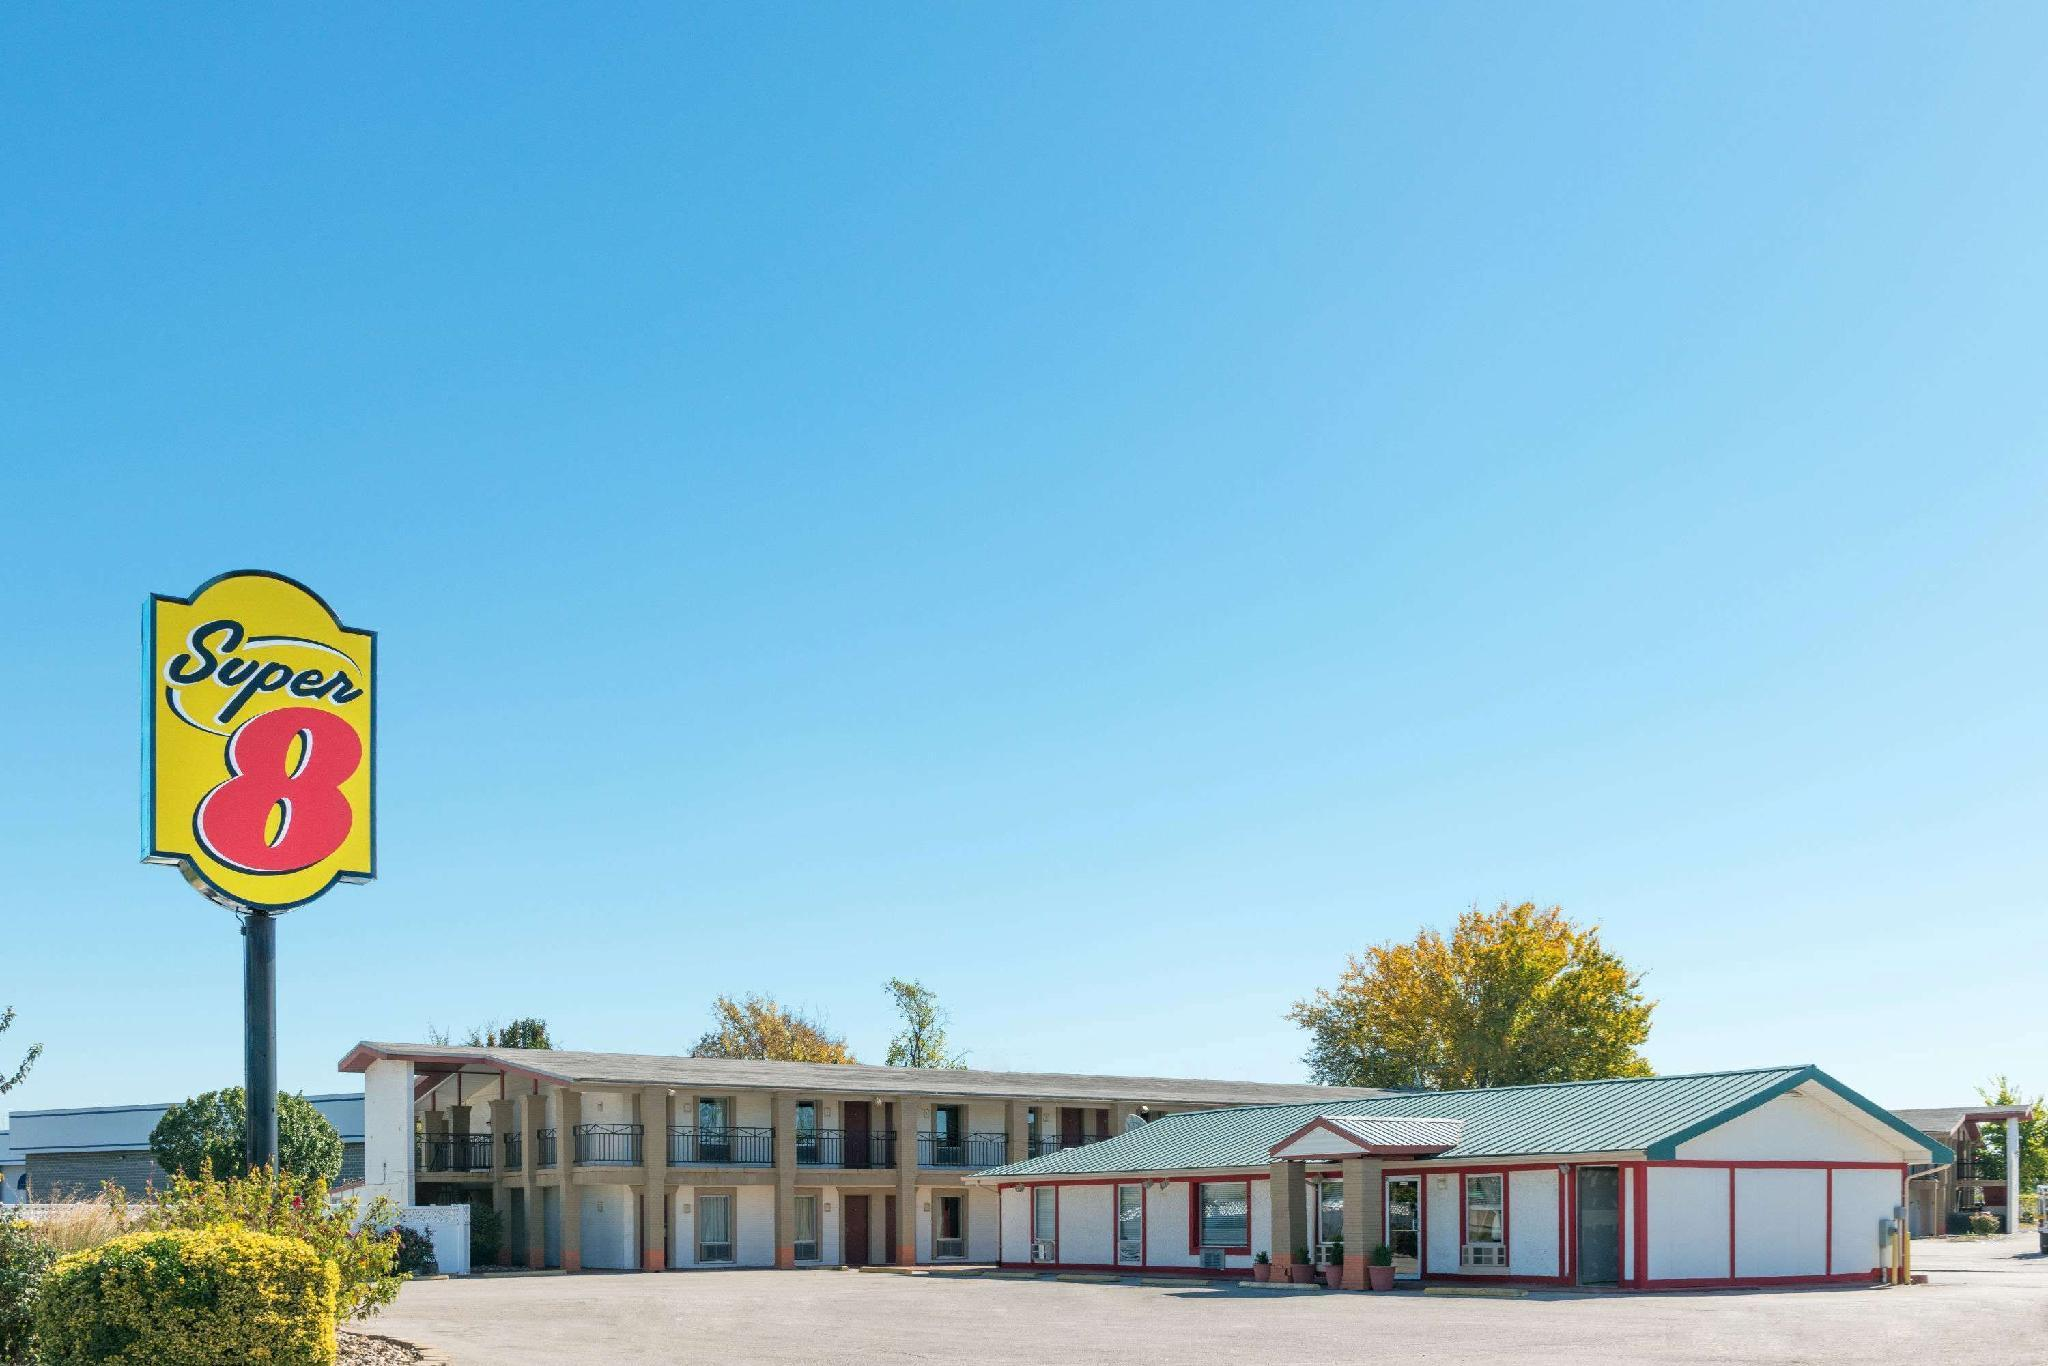 Super 8 By Wyndham Fenton St. Louis Area